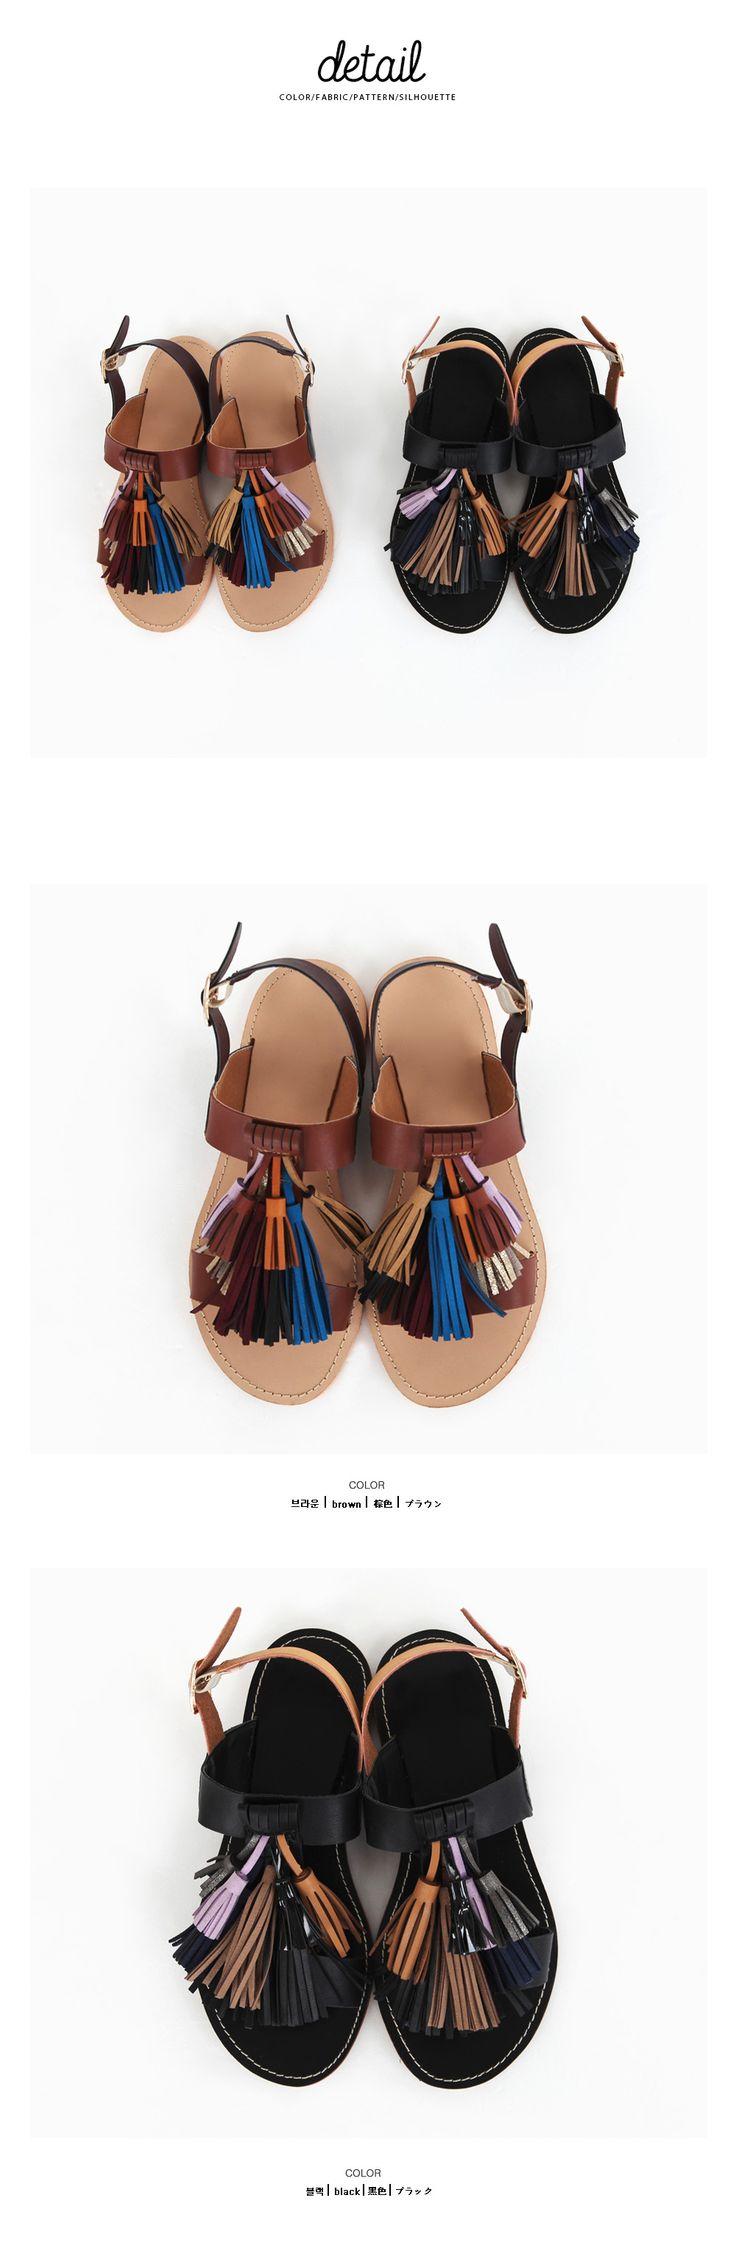 カラフルタッセルサンダルシューズ・靴サンダル|レディースファッション通販 DHOLICディーホリック [ファストファッション 水着 ワンピース]